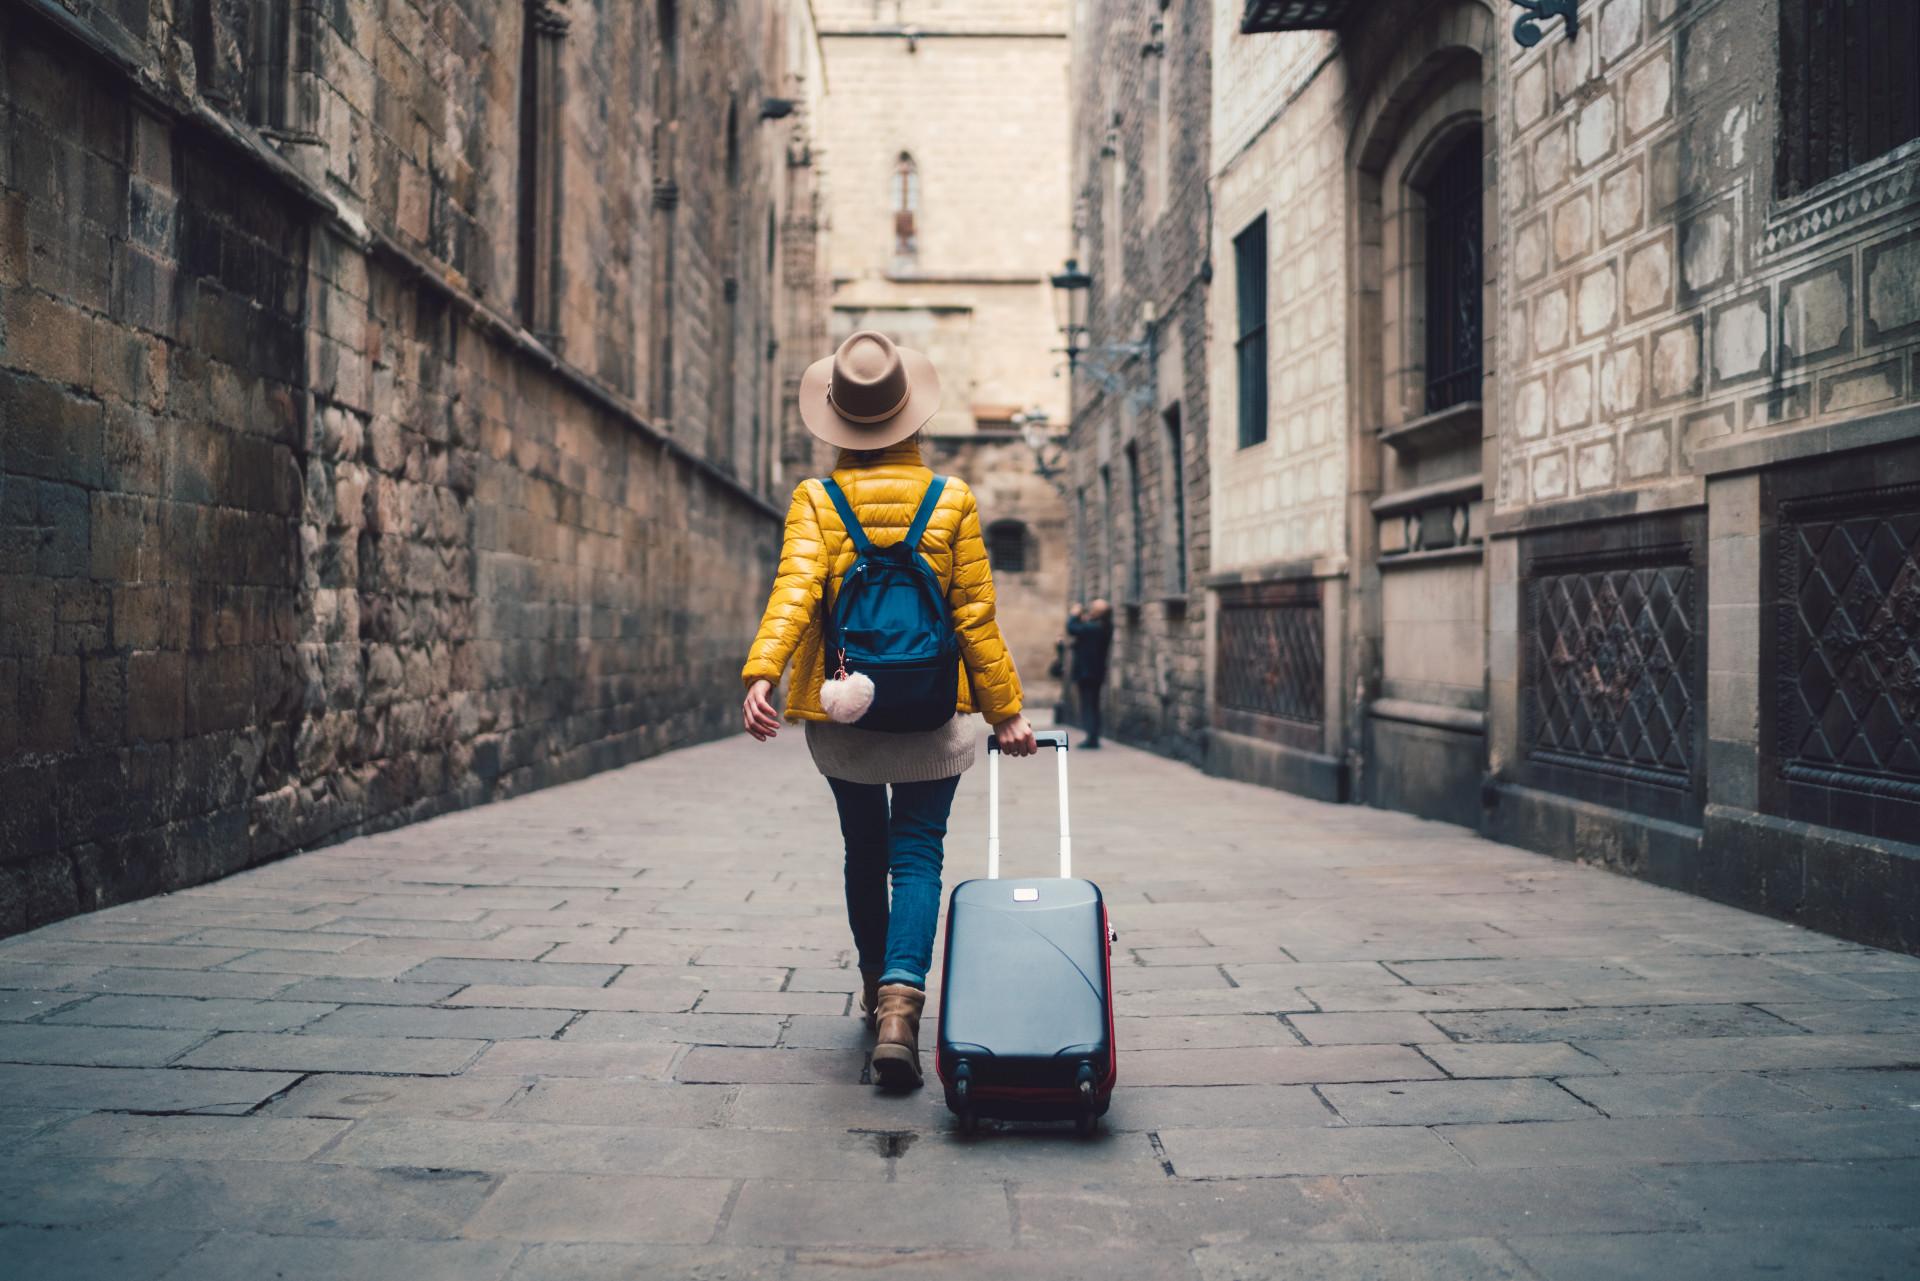 Tendências: esses são os destinos de viagens para 2019